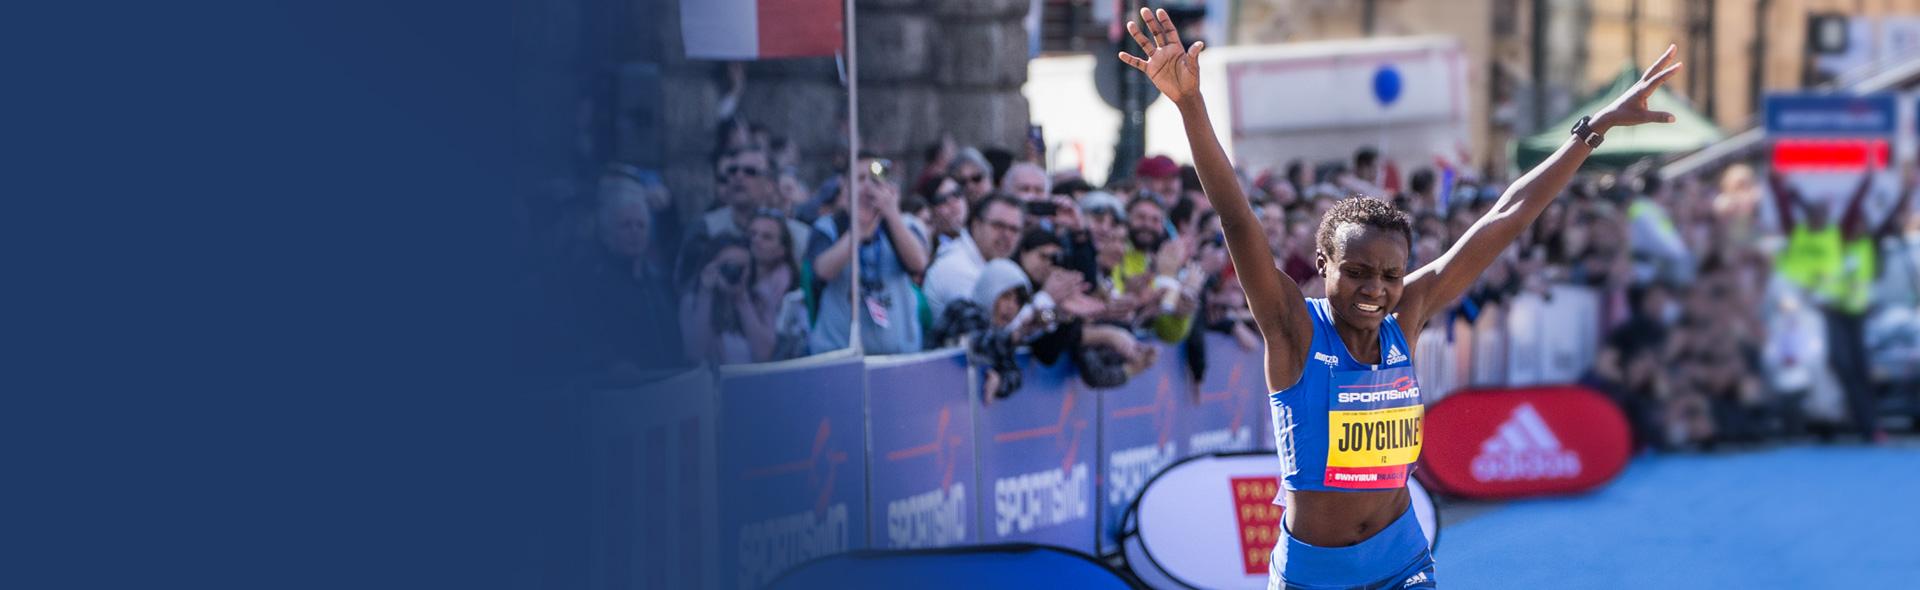 Na półmaratonie SPORTISIMO padł ŚWIATOWY REKORD. I to CZTEROKROTNIE.